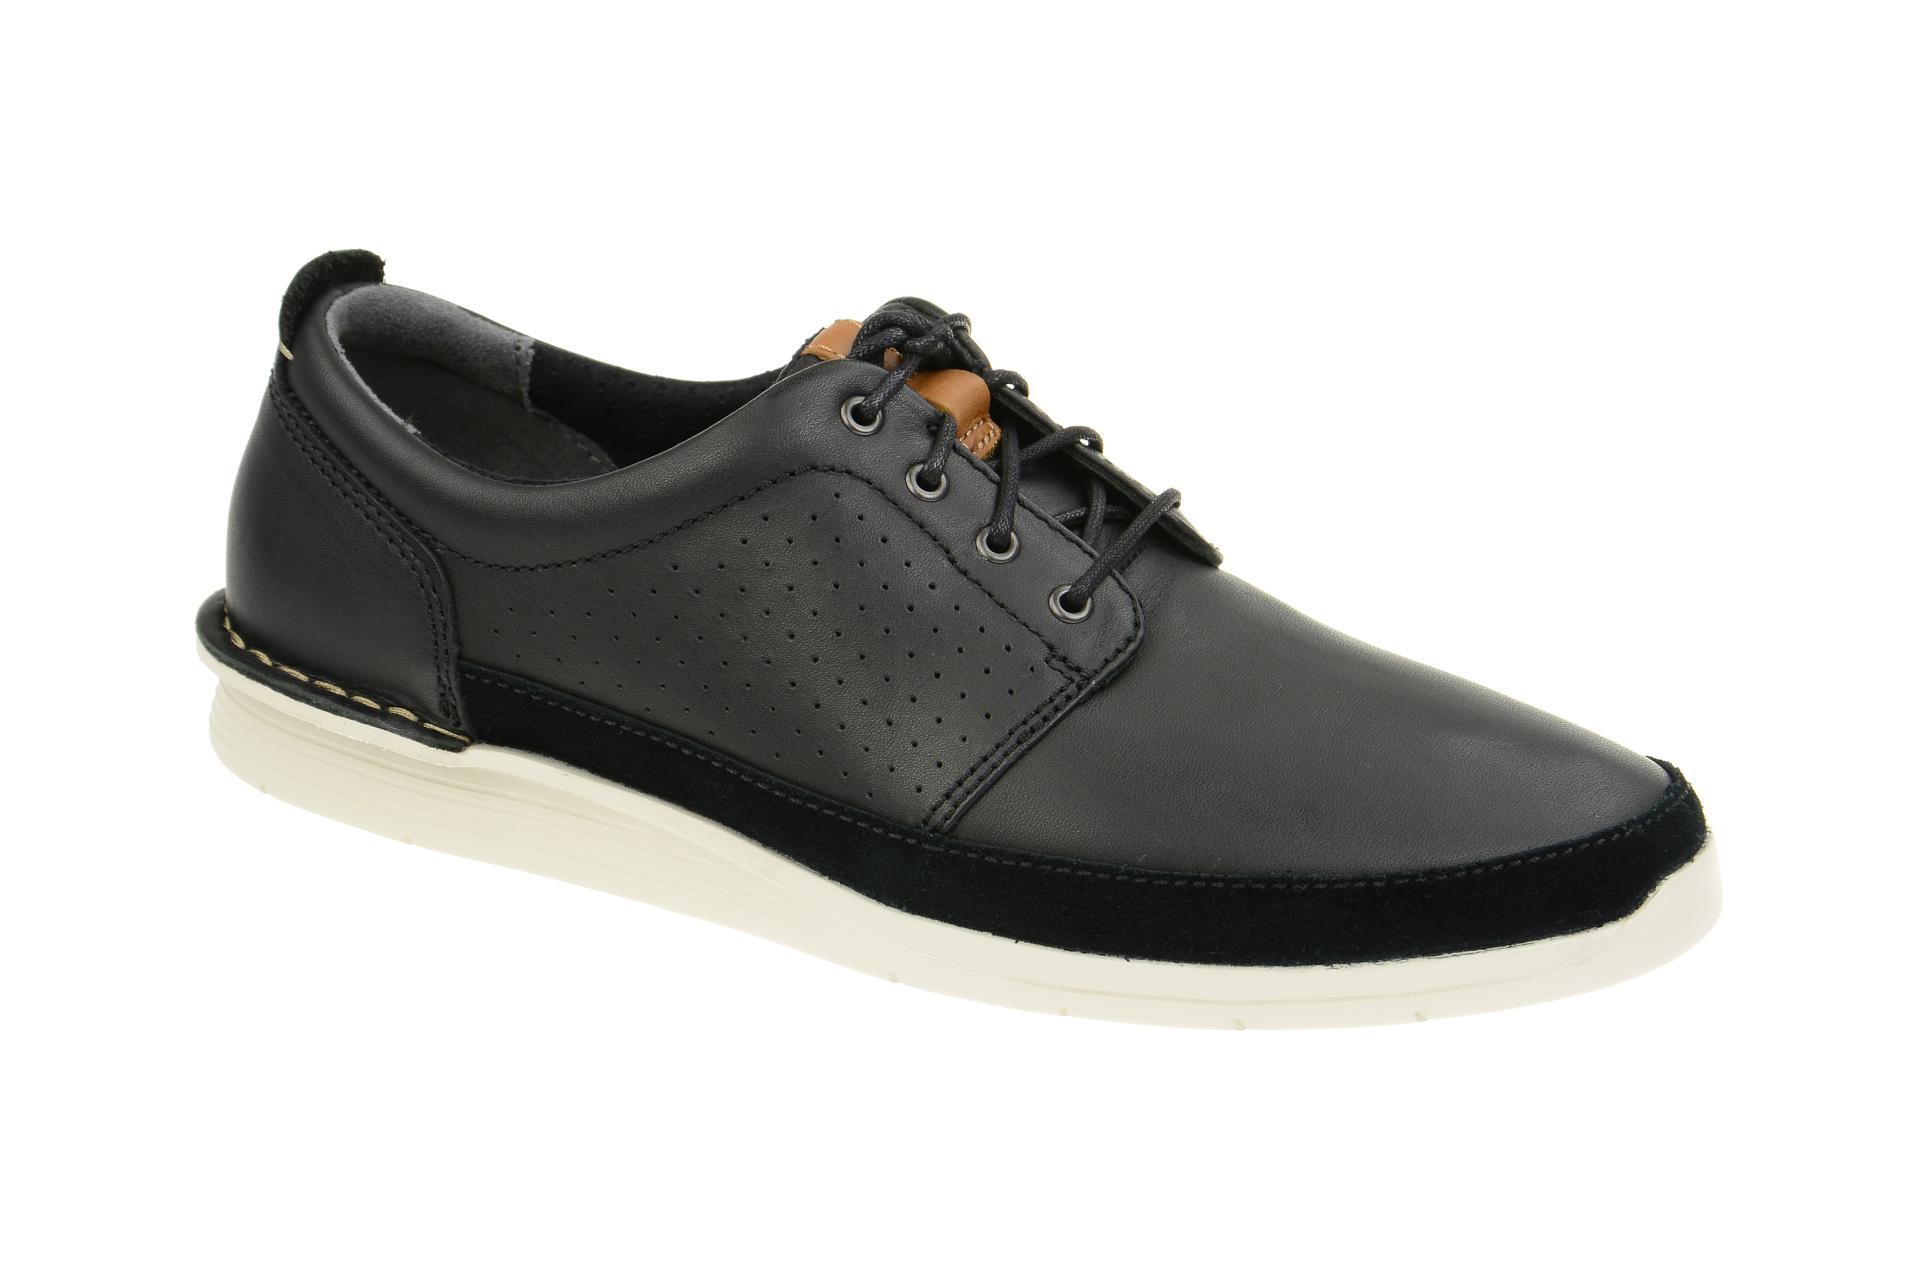 5dcf83c02ea0ff Clarks Polysport Edge Schuhe schwarz - Schuhhaus Strauch Shop